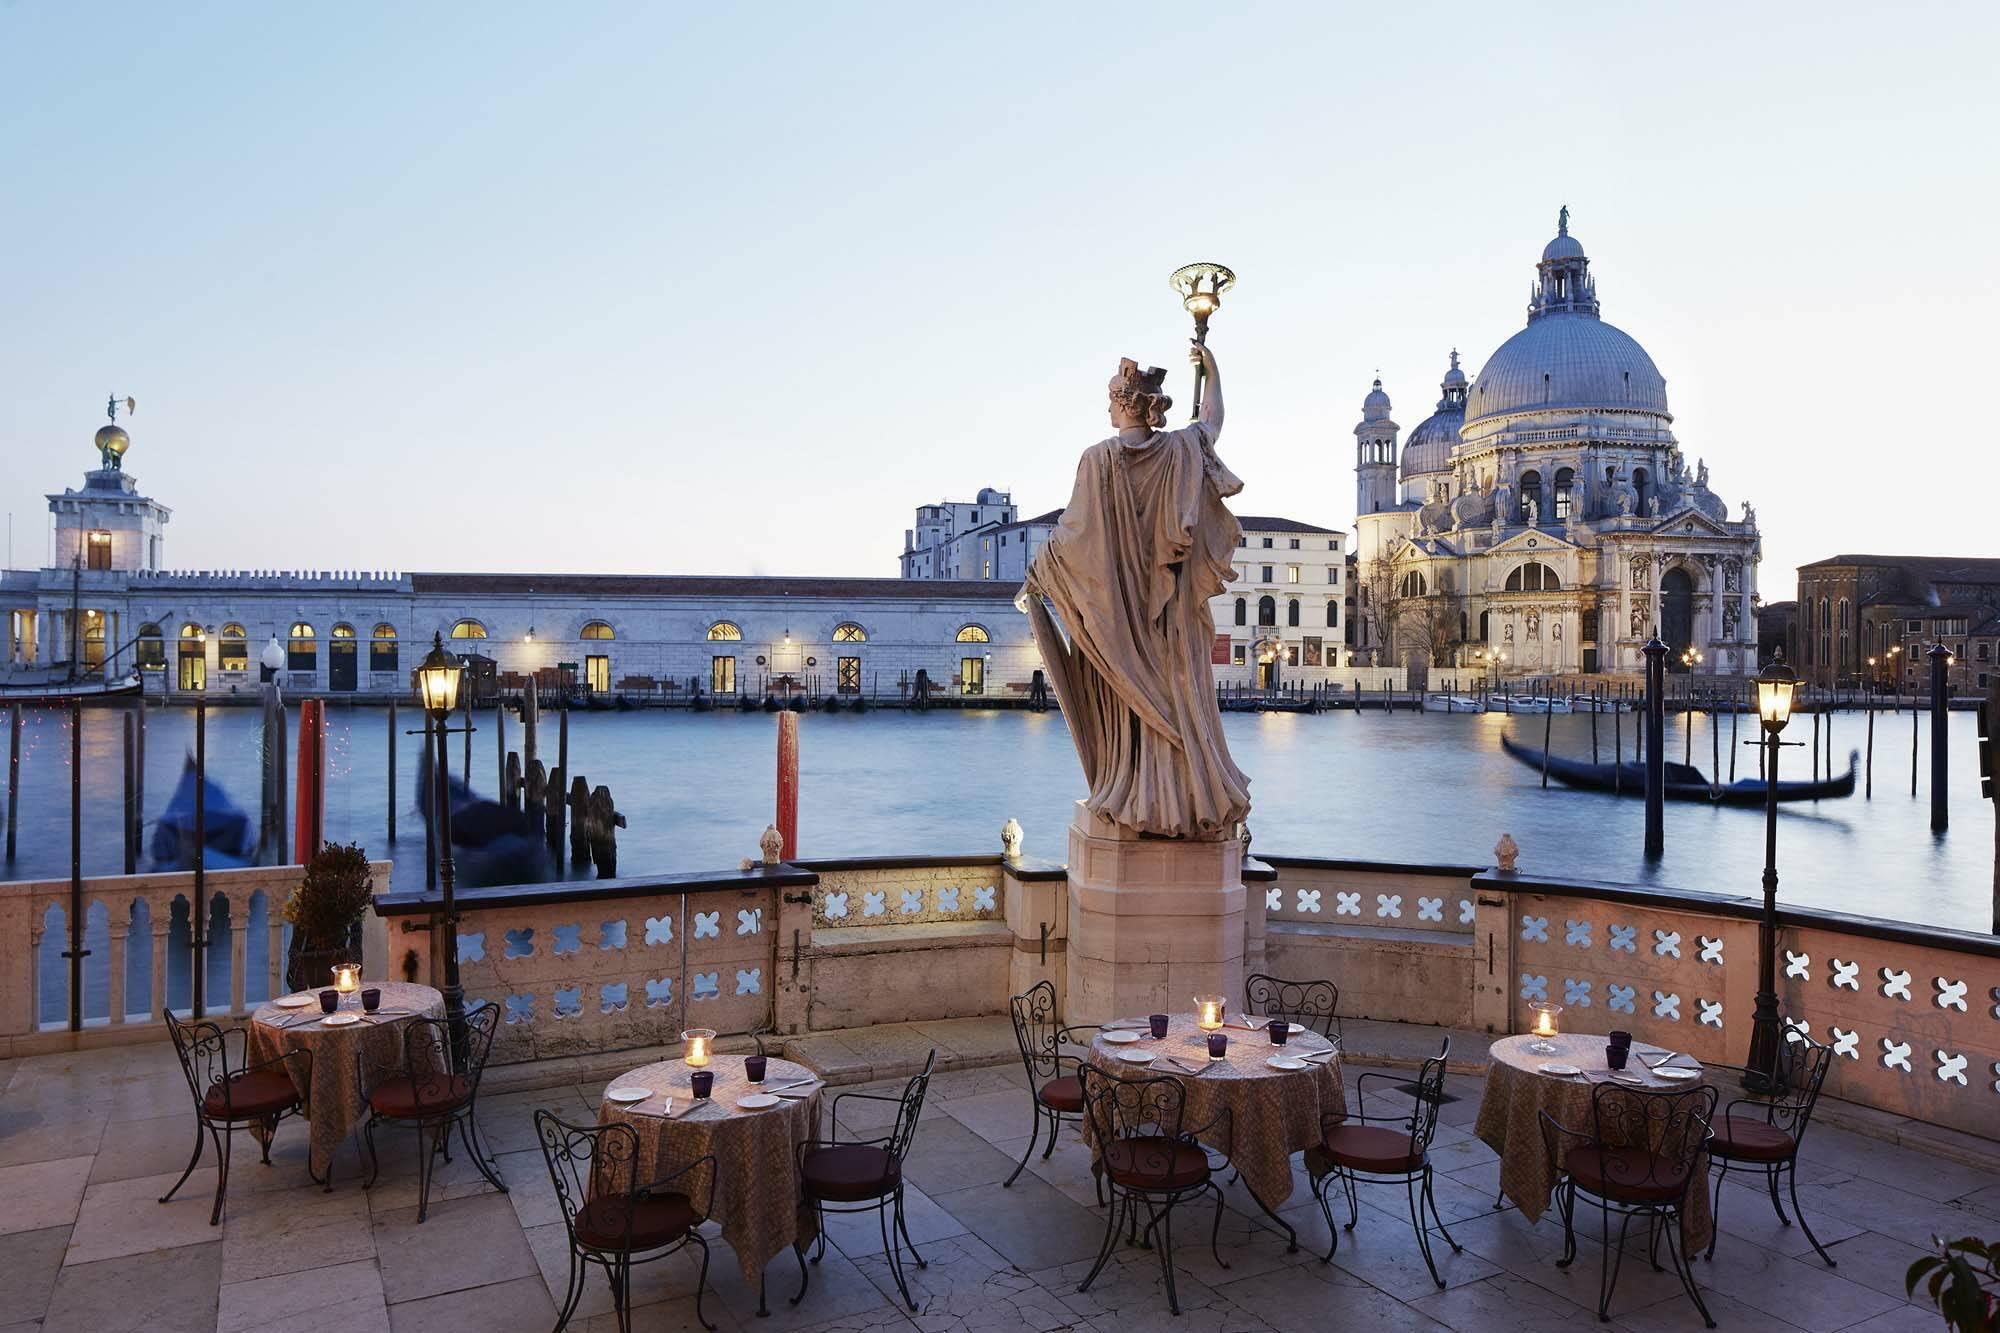 Bauer Venezia Venise Italie Canale terrace